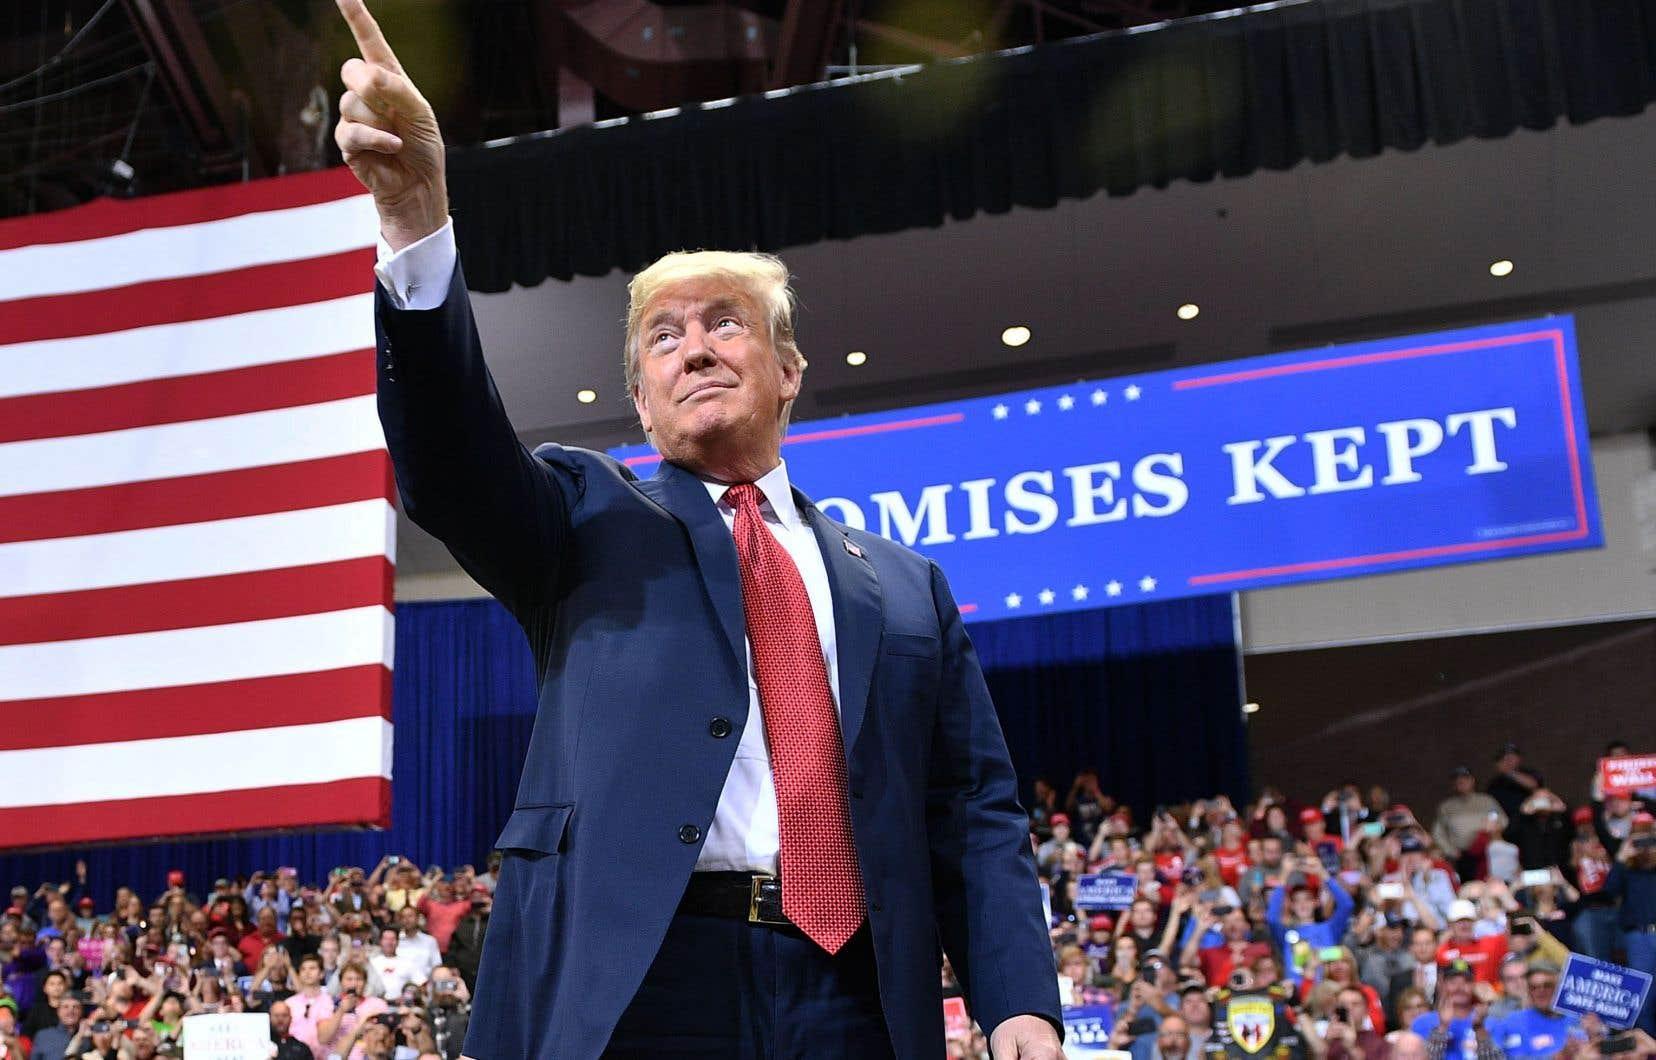 Donald Trump ferait mieux de regarder par deux fois son prétendu succès de l'AEUMC, a réagi cette semaine «The Economist». Selon la revue britannique, il a tout au mieux «résolu une crise qu'il avait lui-même créée».